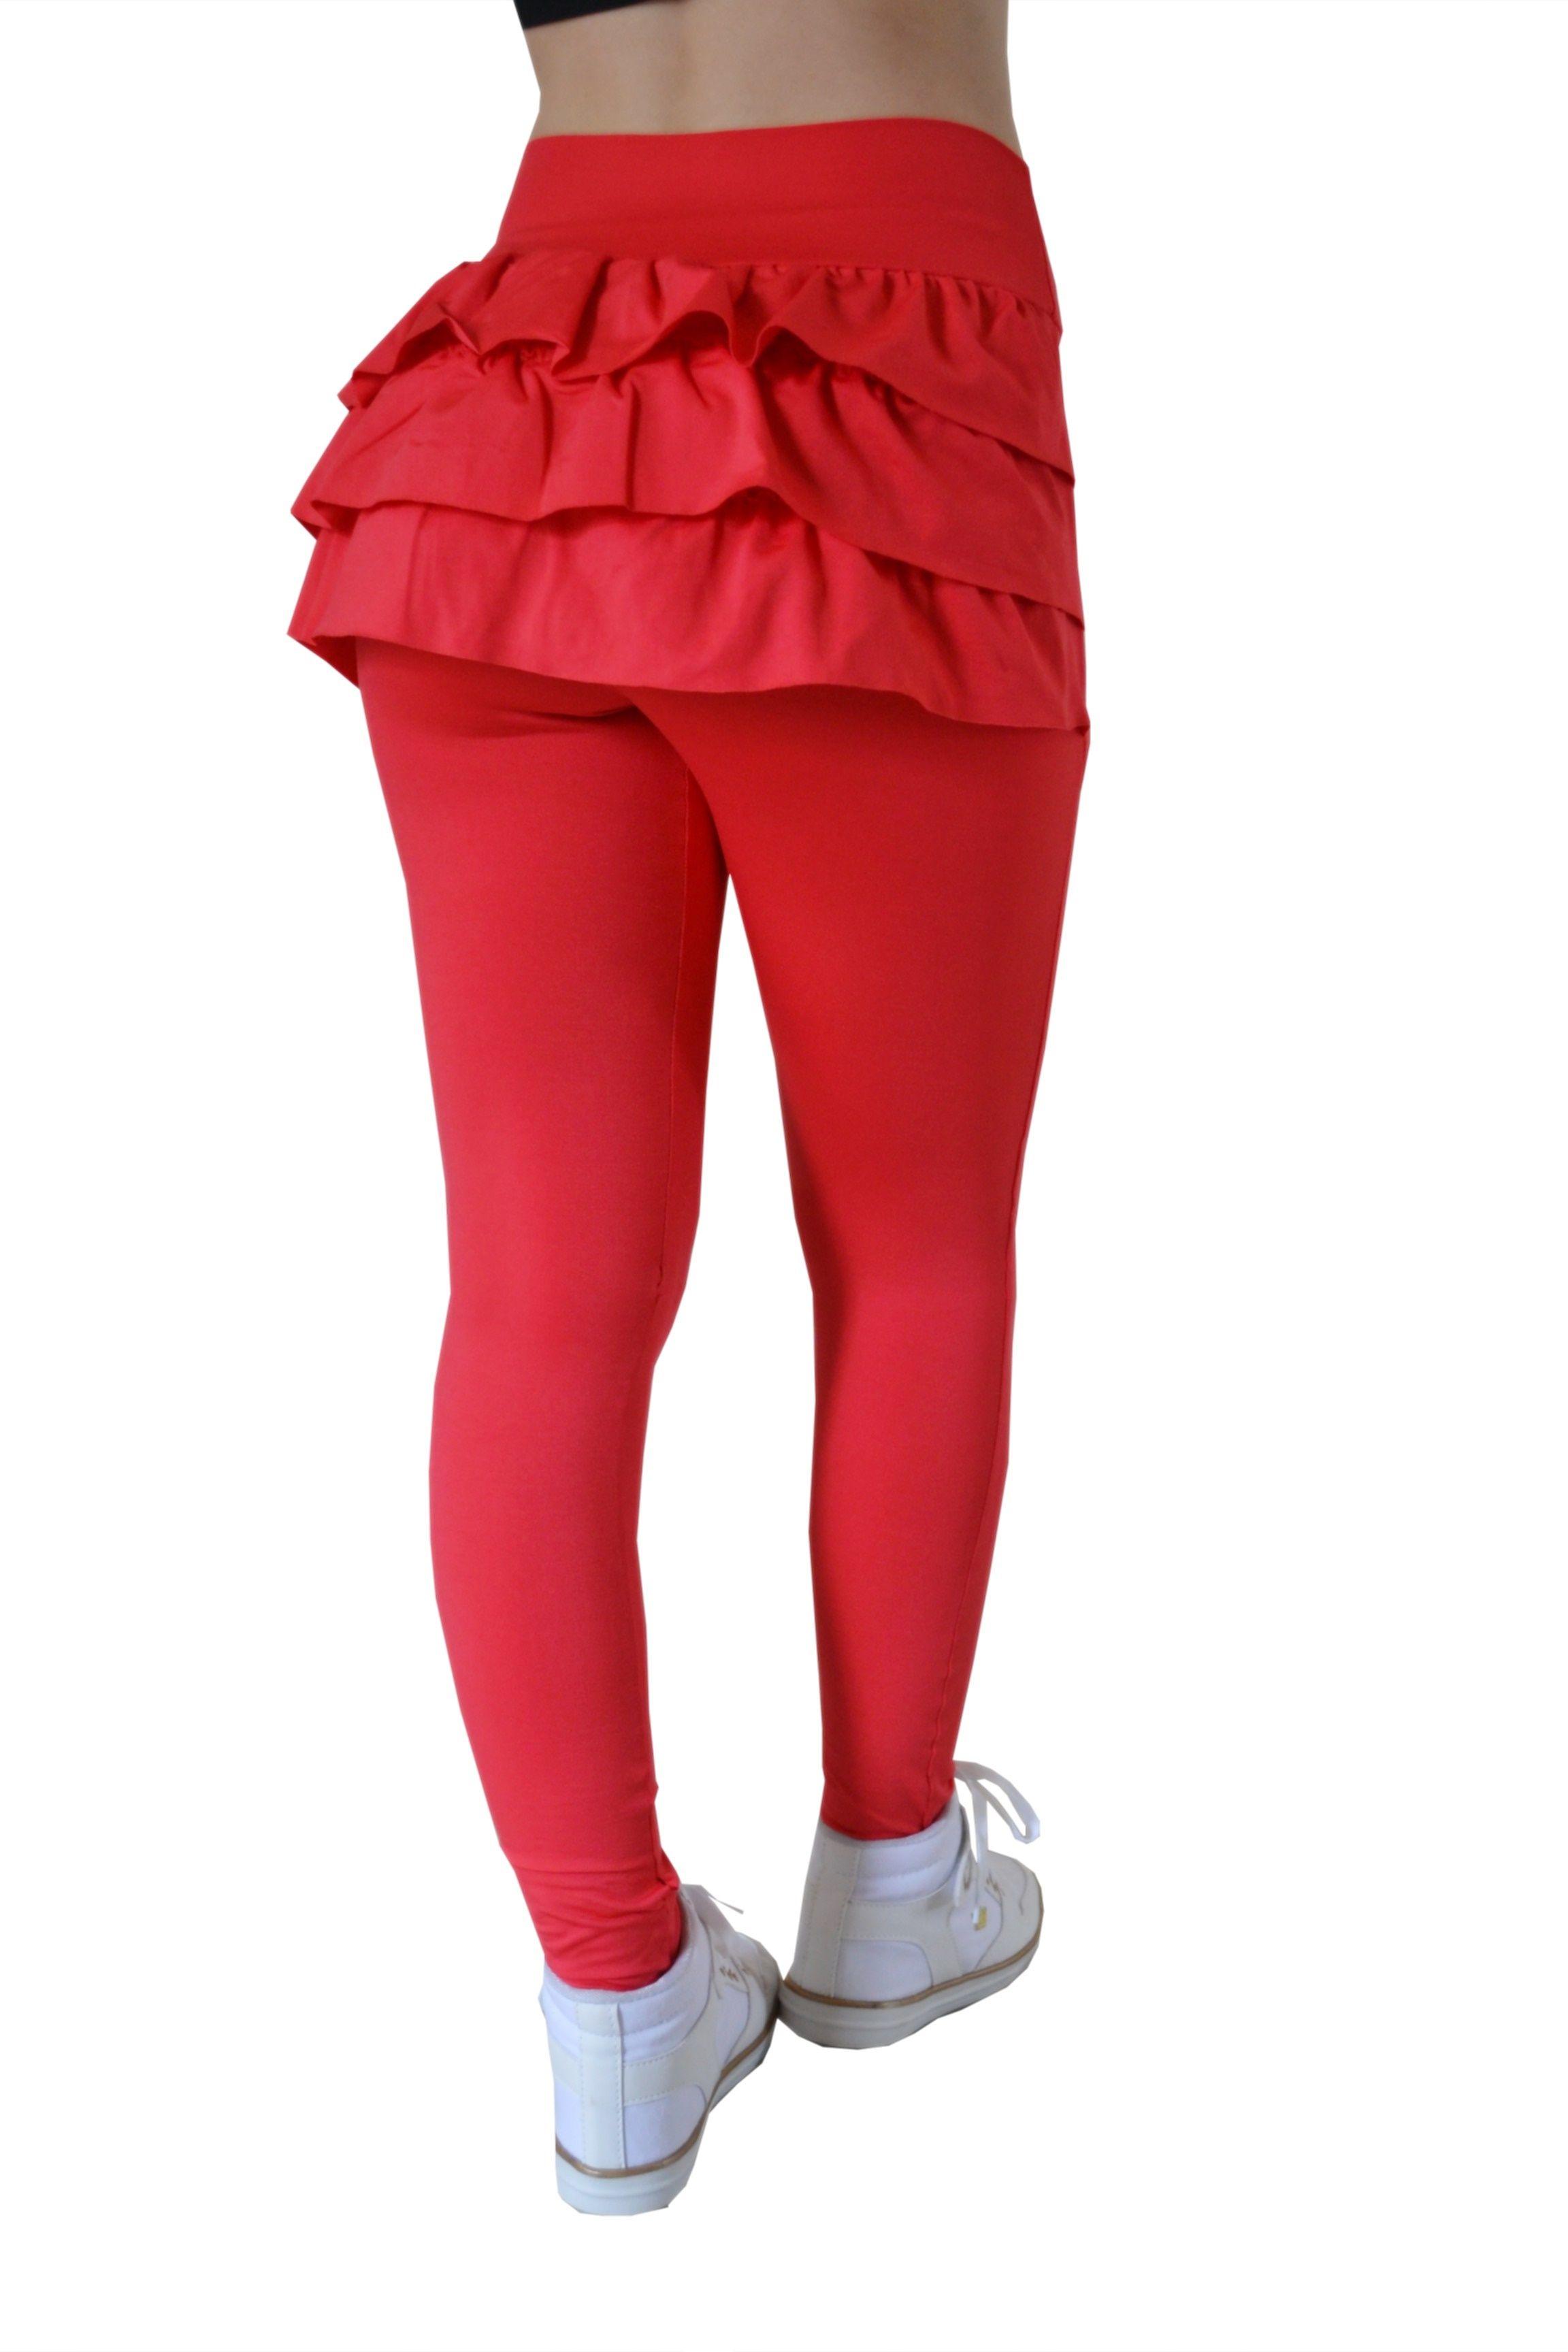 ad155f4264 Legging Fitness para academia - Valentinas Fit - Legging com babados -  Legging com saia - Calça Legging Fitness c Tapa Bumbum de Babados - Coral -  Tapa ...